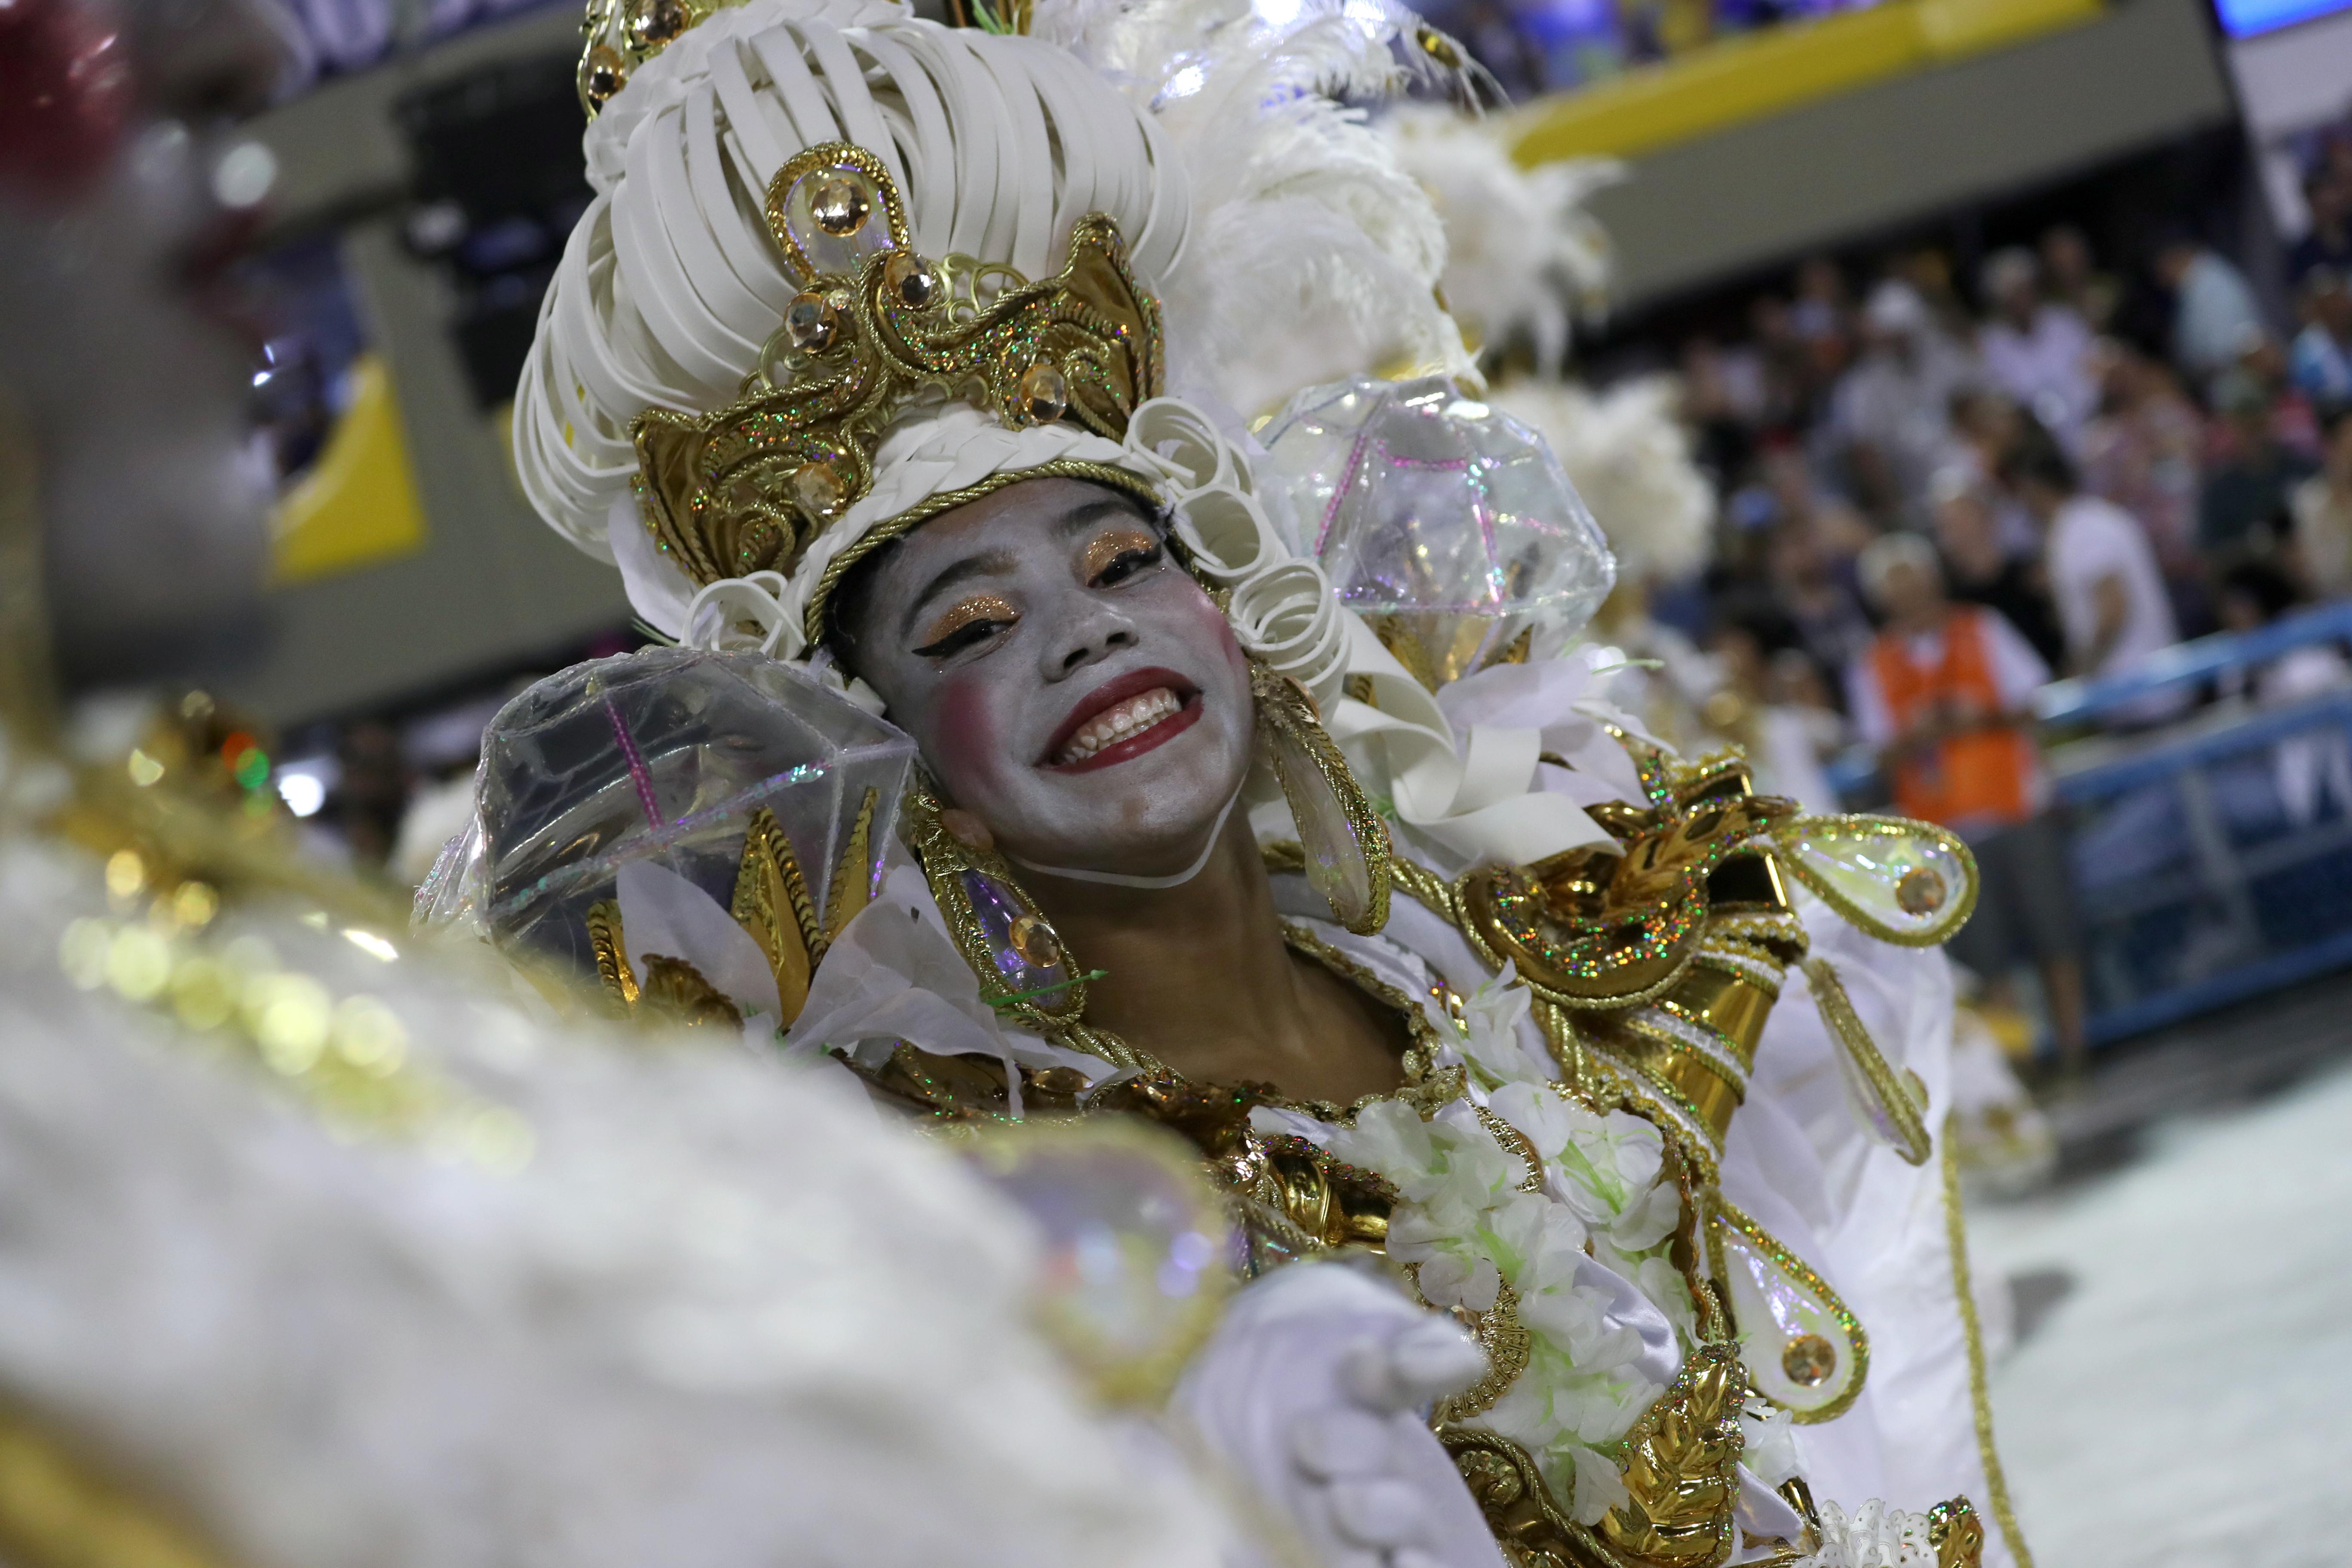 Una miembro de la escuela Beija-Flor samba en su presentación durante la segunda noche del carnaval REUTERS/Sergio Moraes